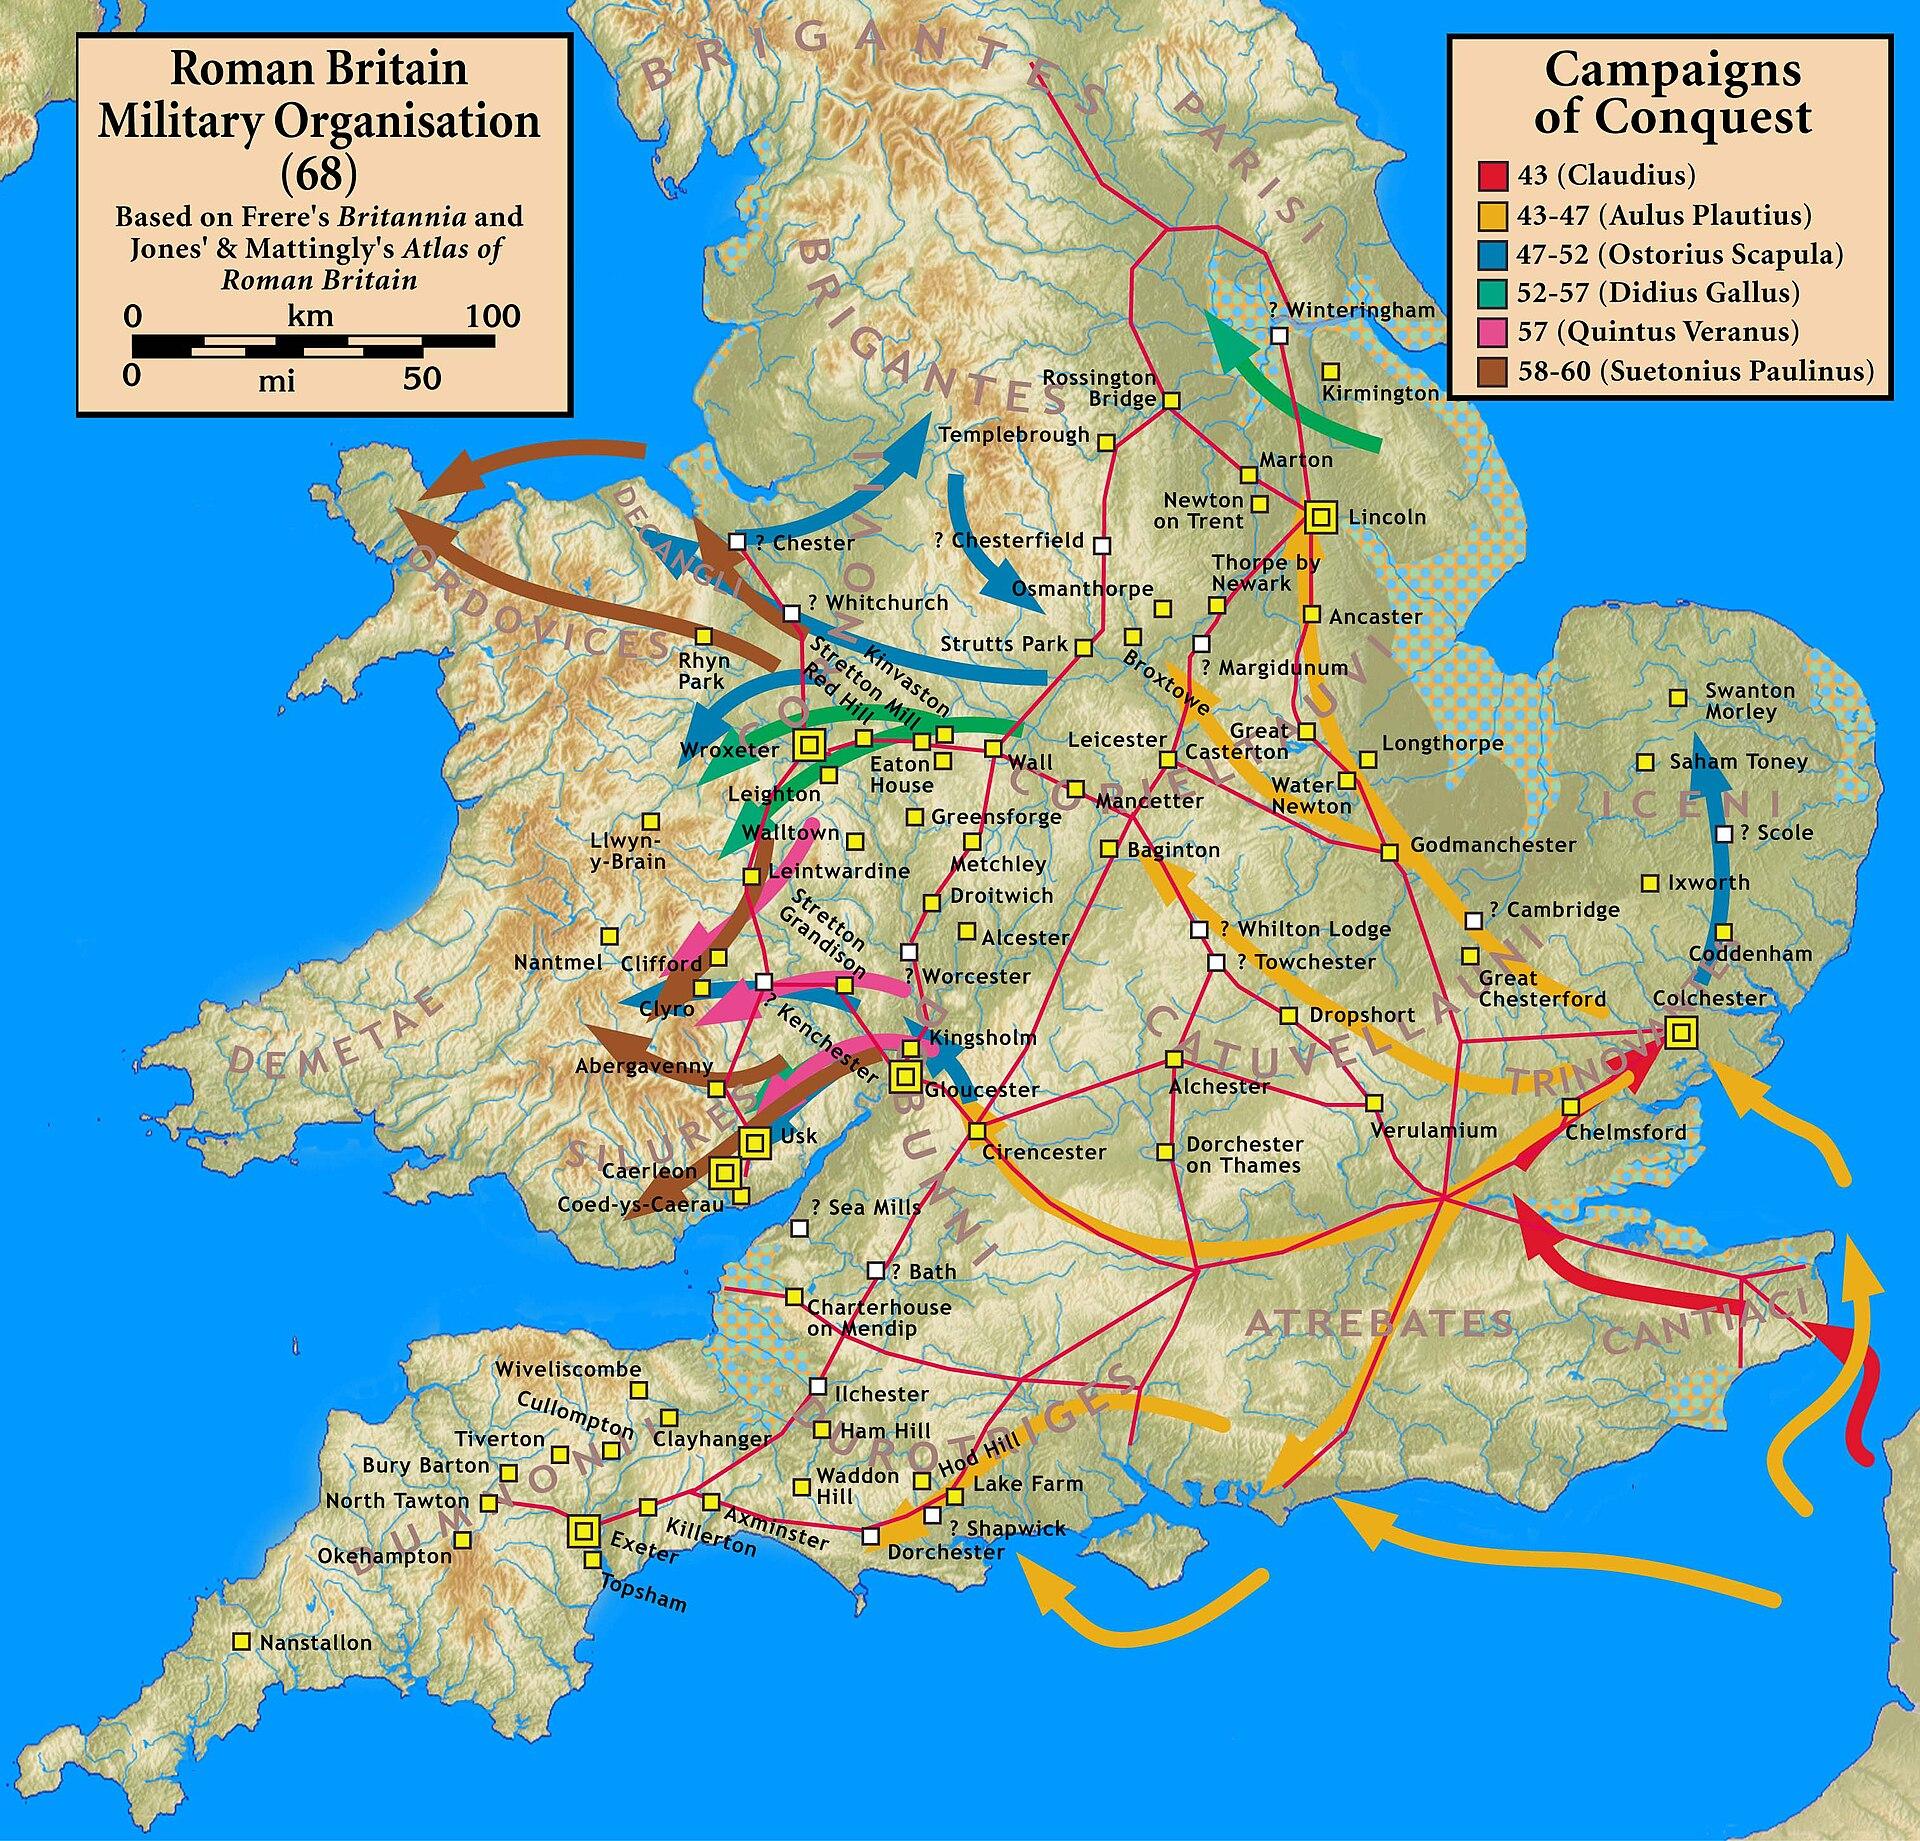 Caesar's invasions of Britain